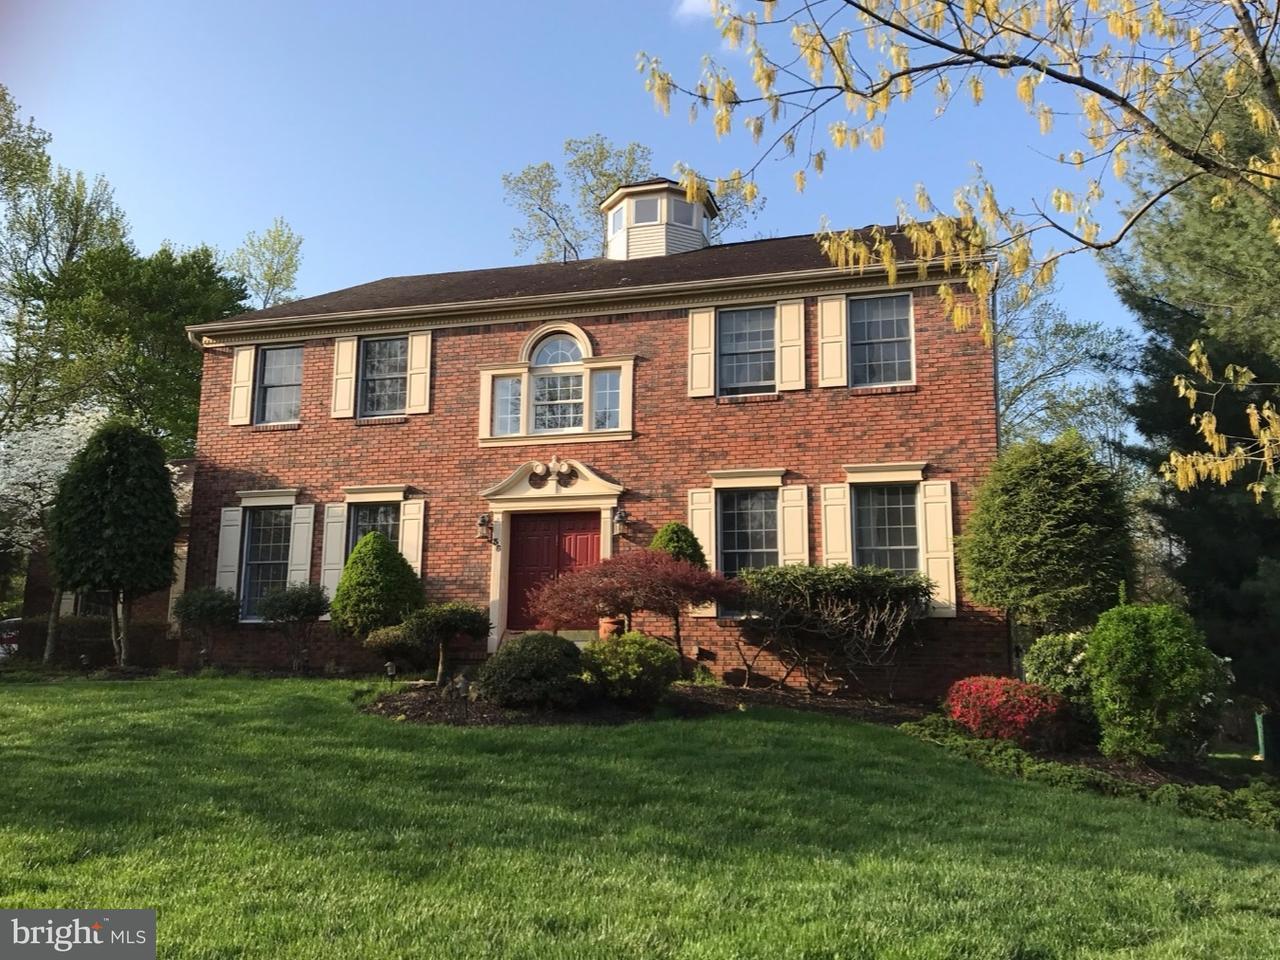 Частный односемейный дом для того Продажа на 36 DUNSTON Lane South Brunswick Township, Нью-Джерси 08852 Соединенные ШтатыВ/Около: South Brunswick Township